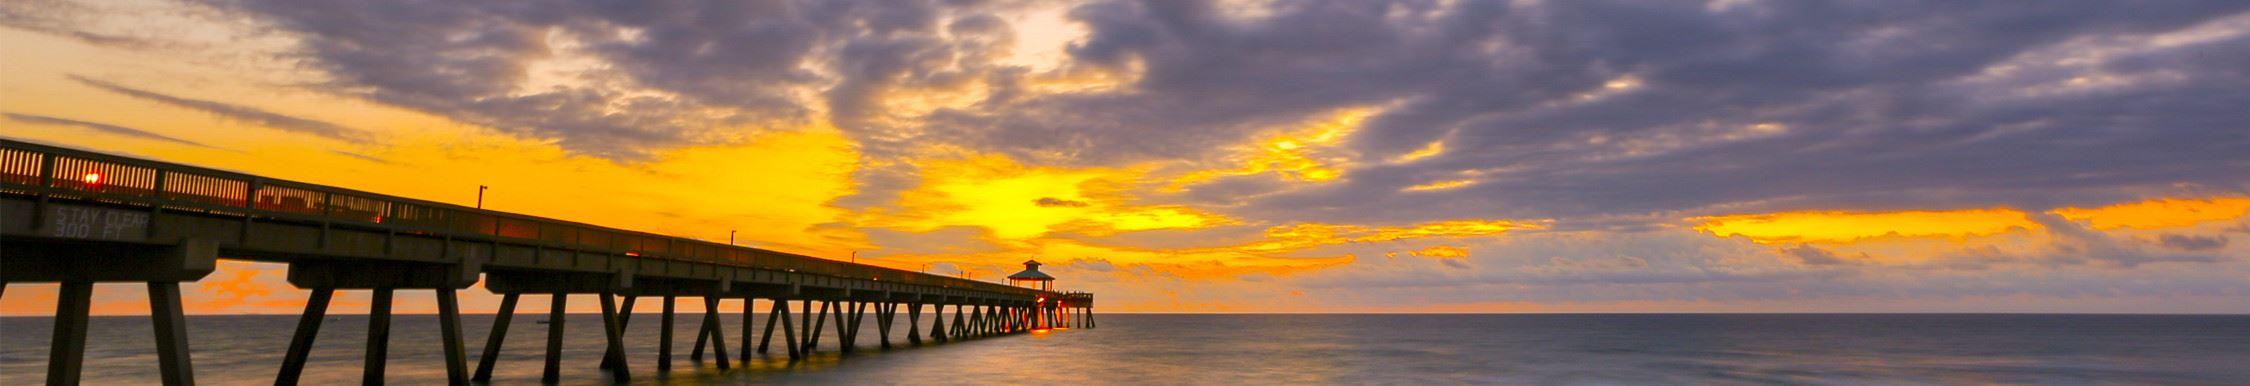 deerfield beach fl official website sunset over pier